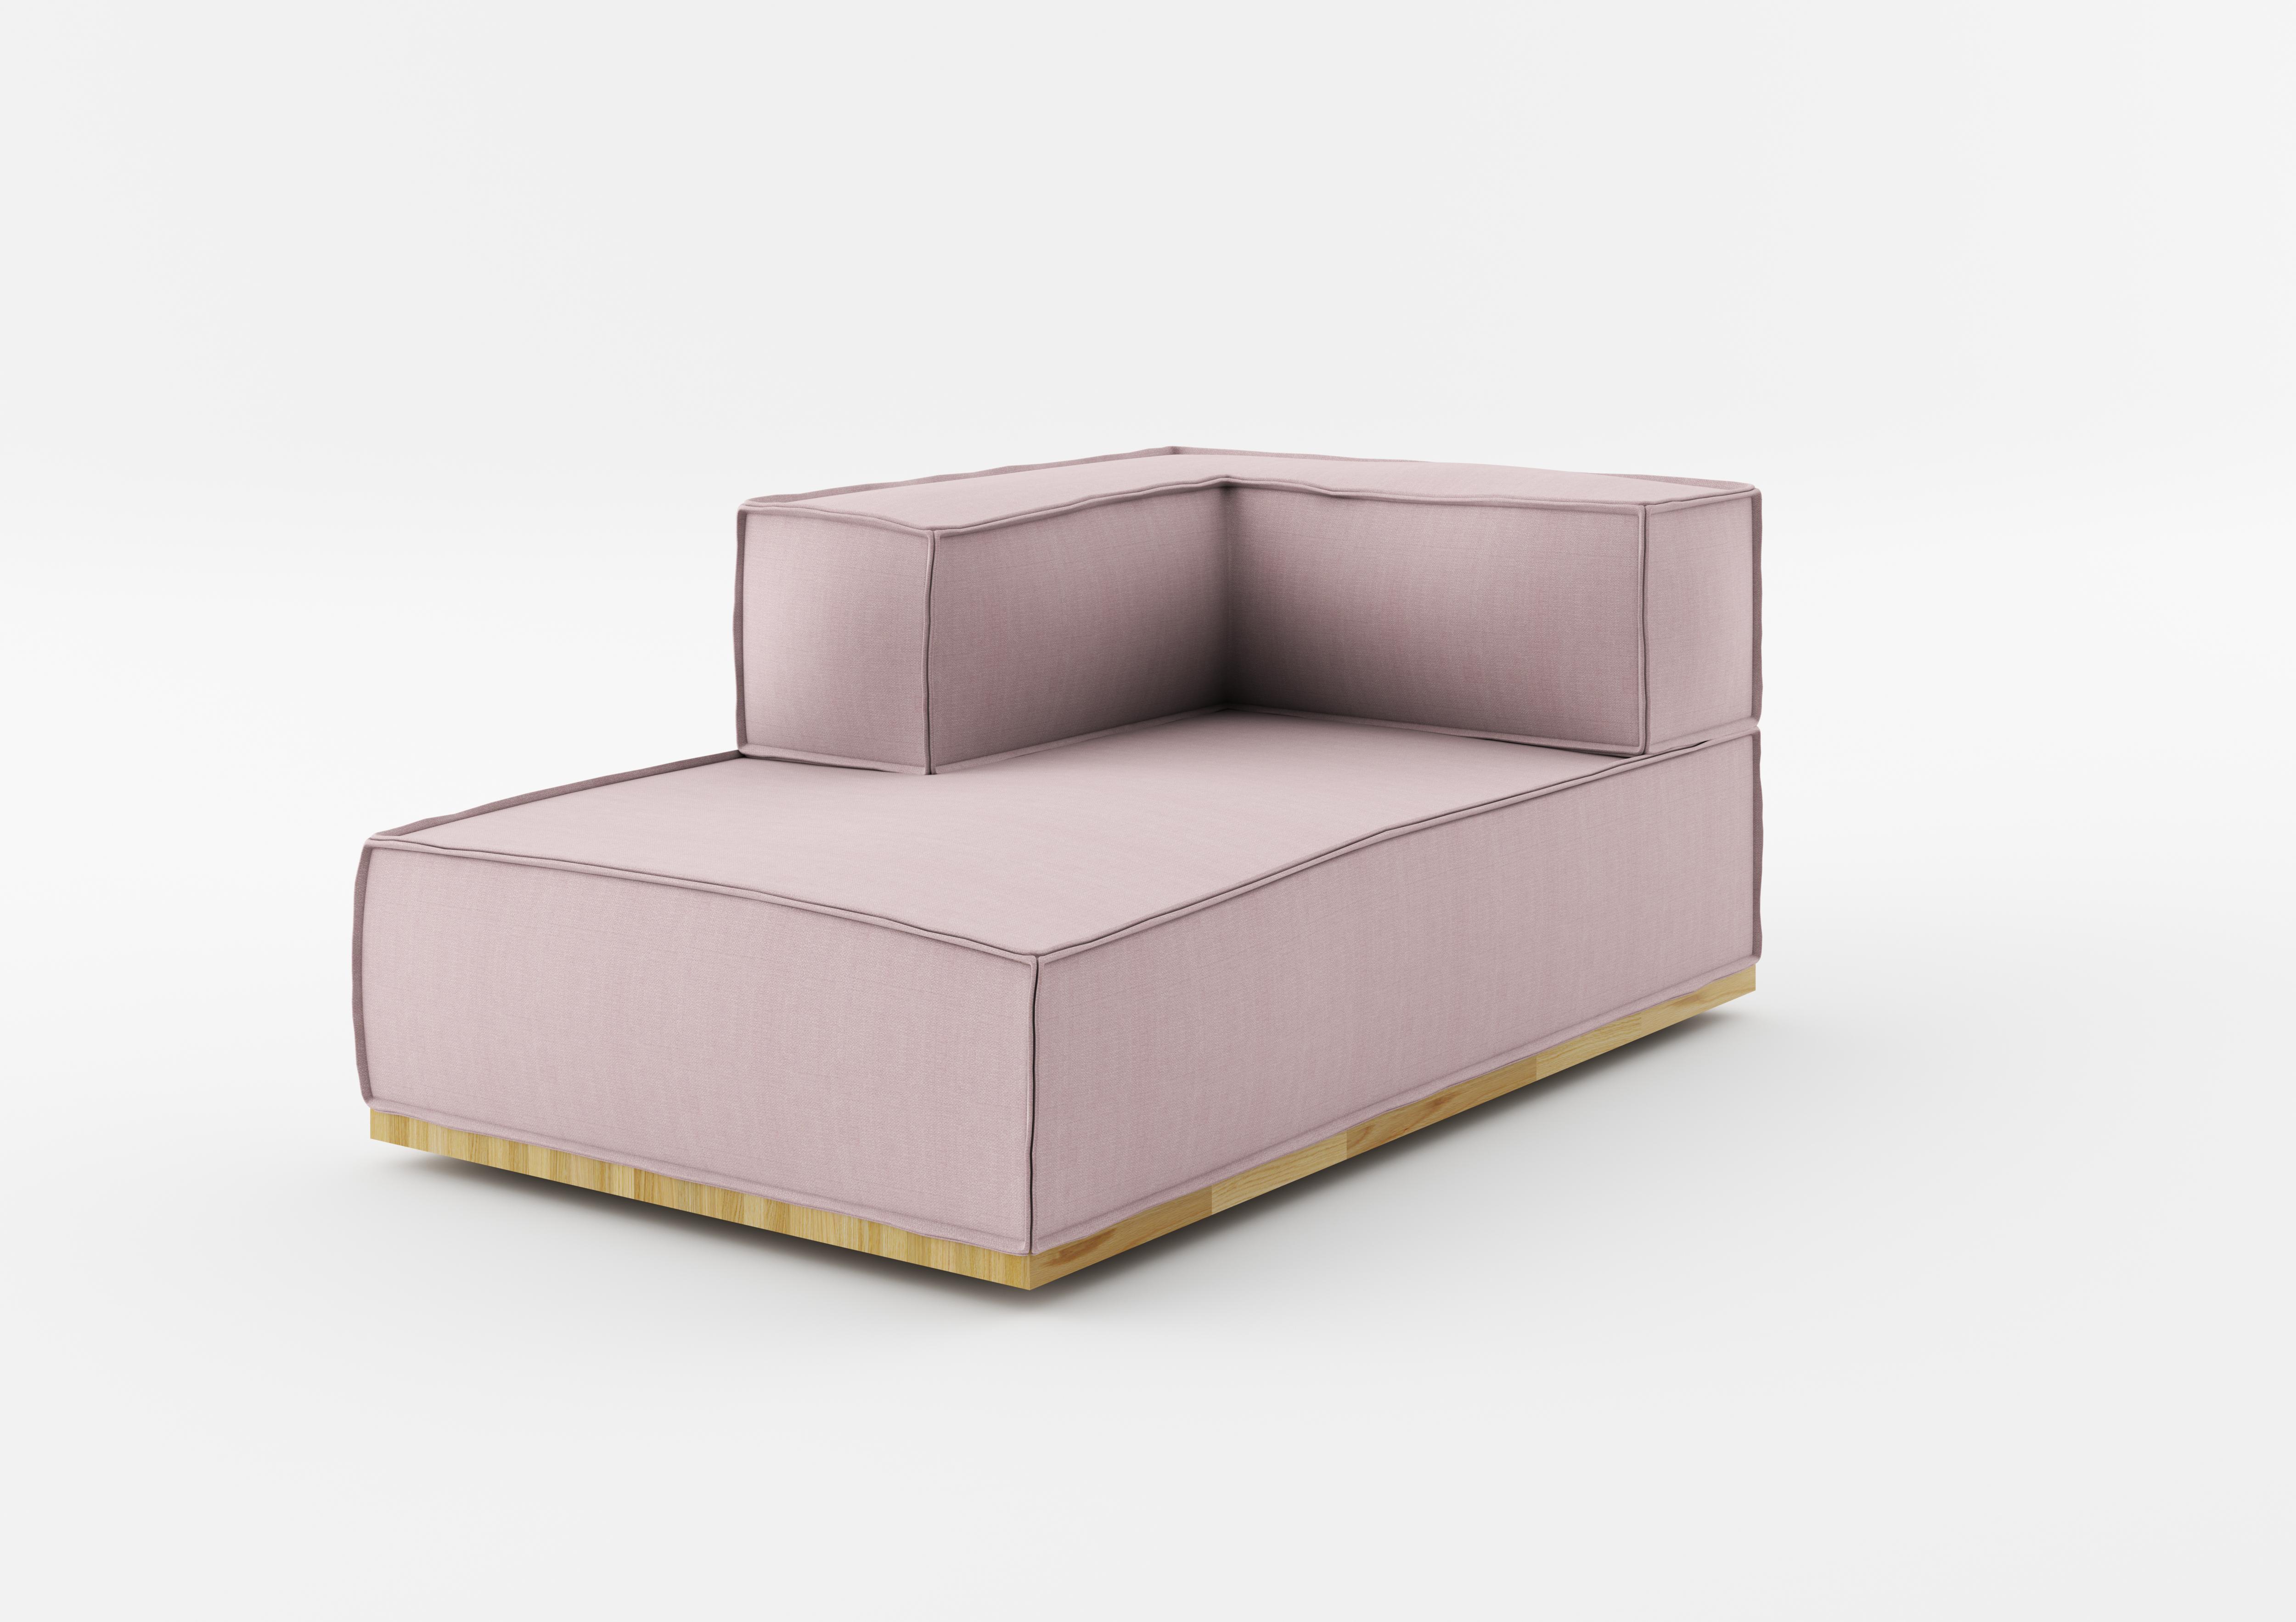 Element Modular Chaise Longue Noi Nude Natural Canapele Ilustratie